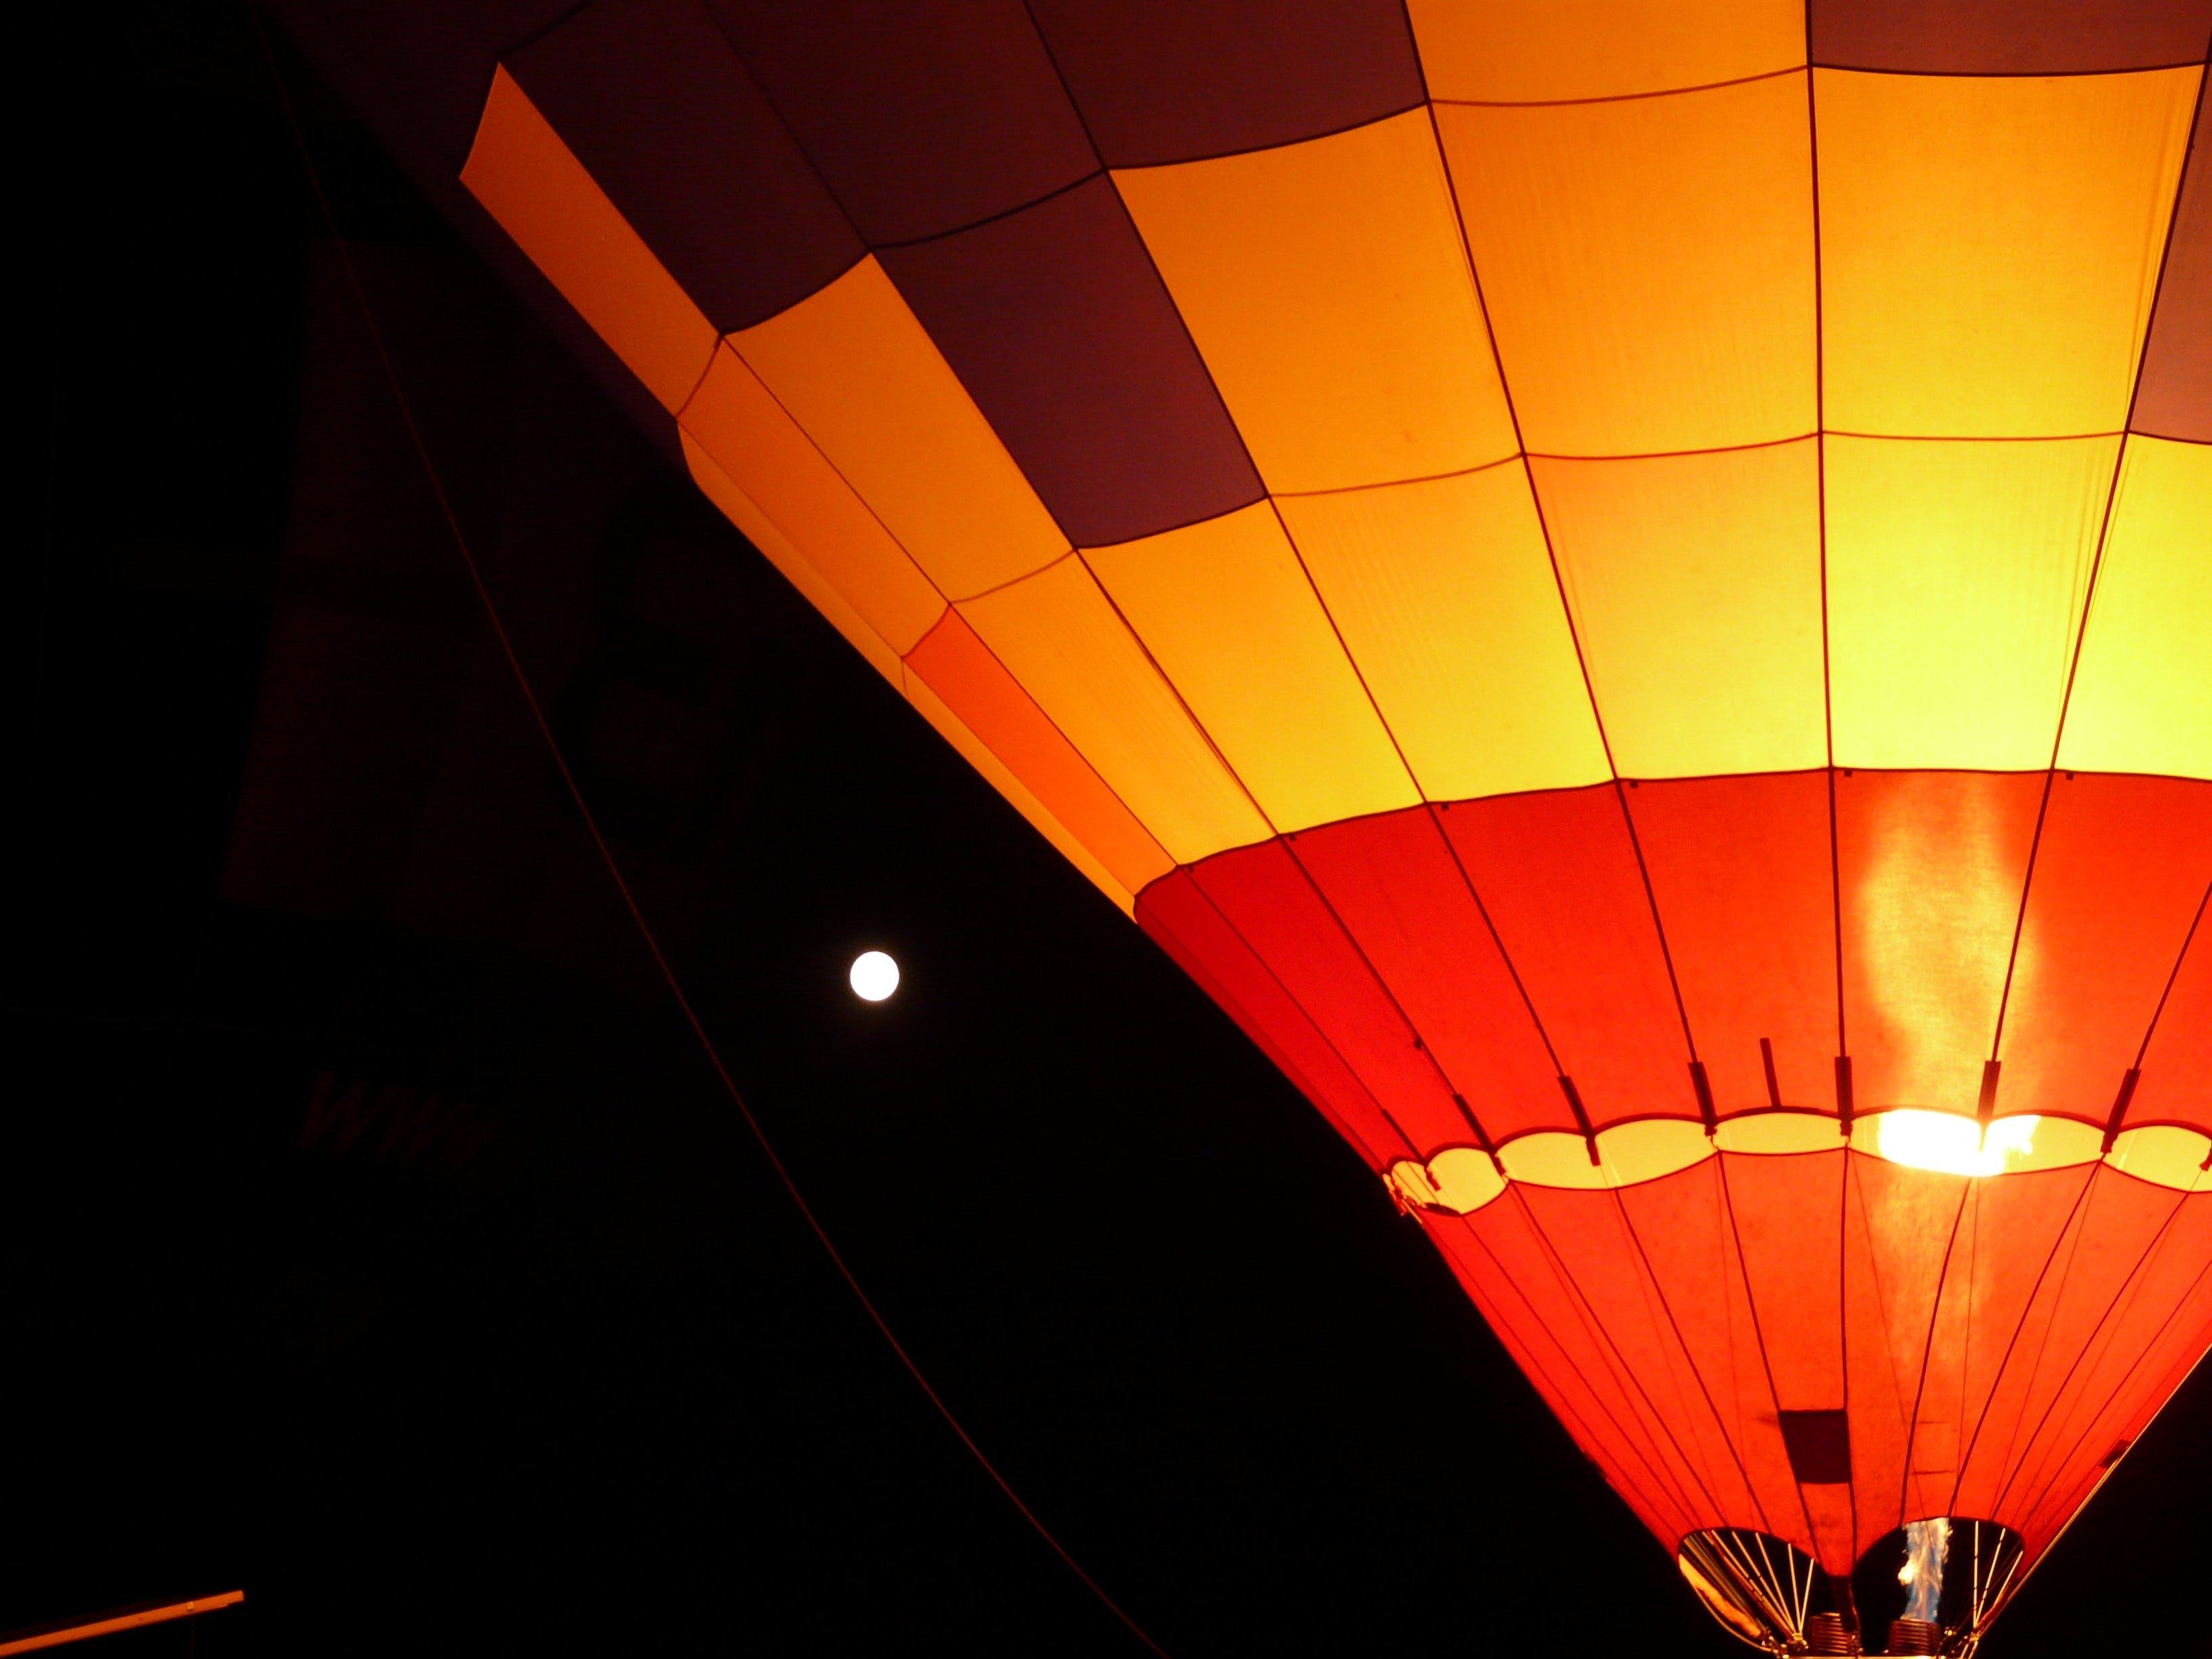 Ballon at Night